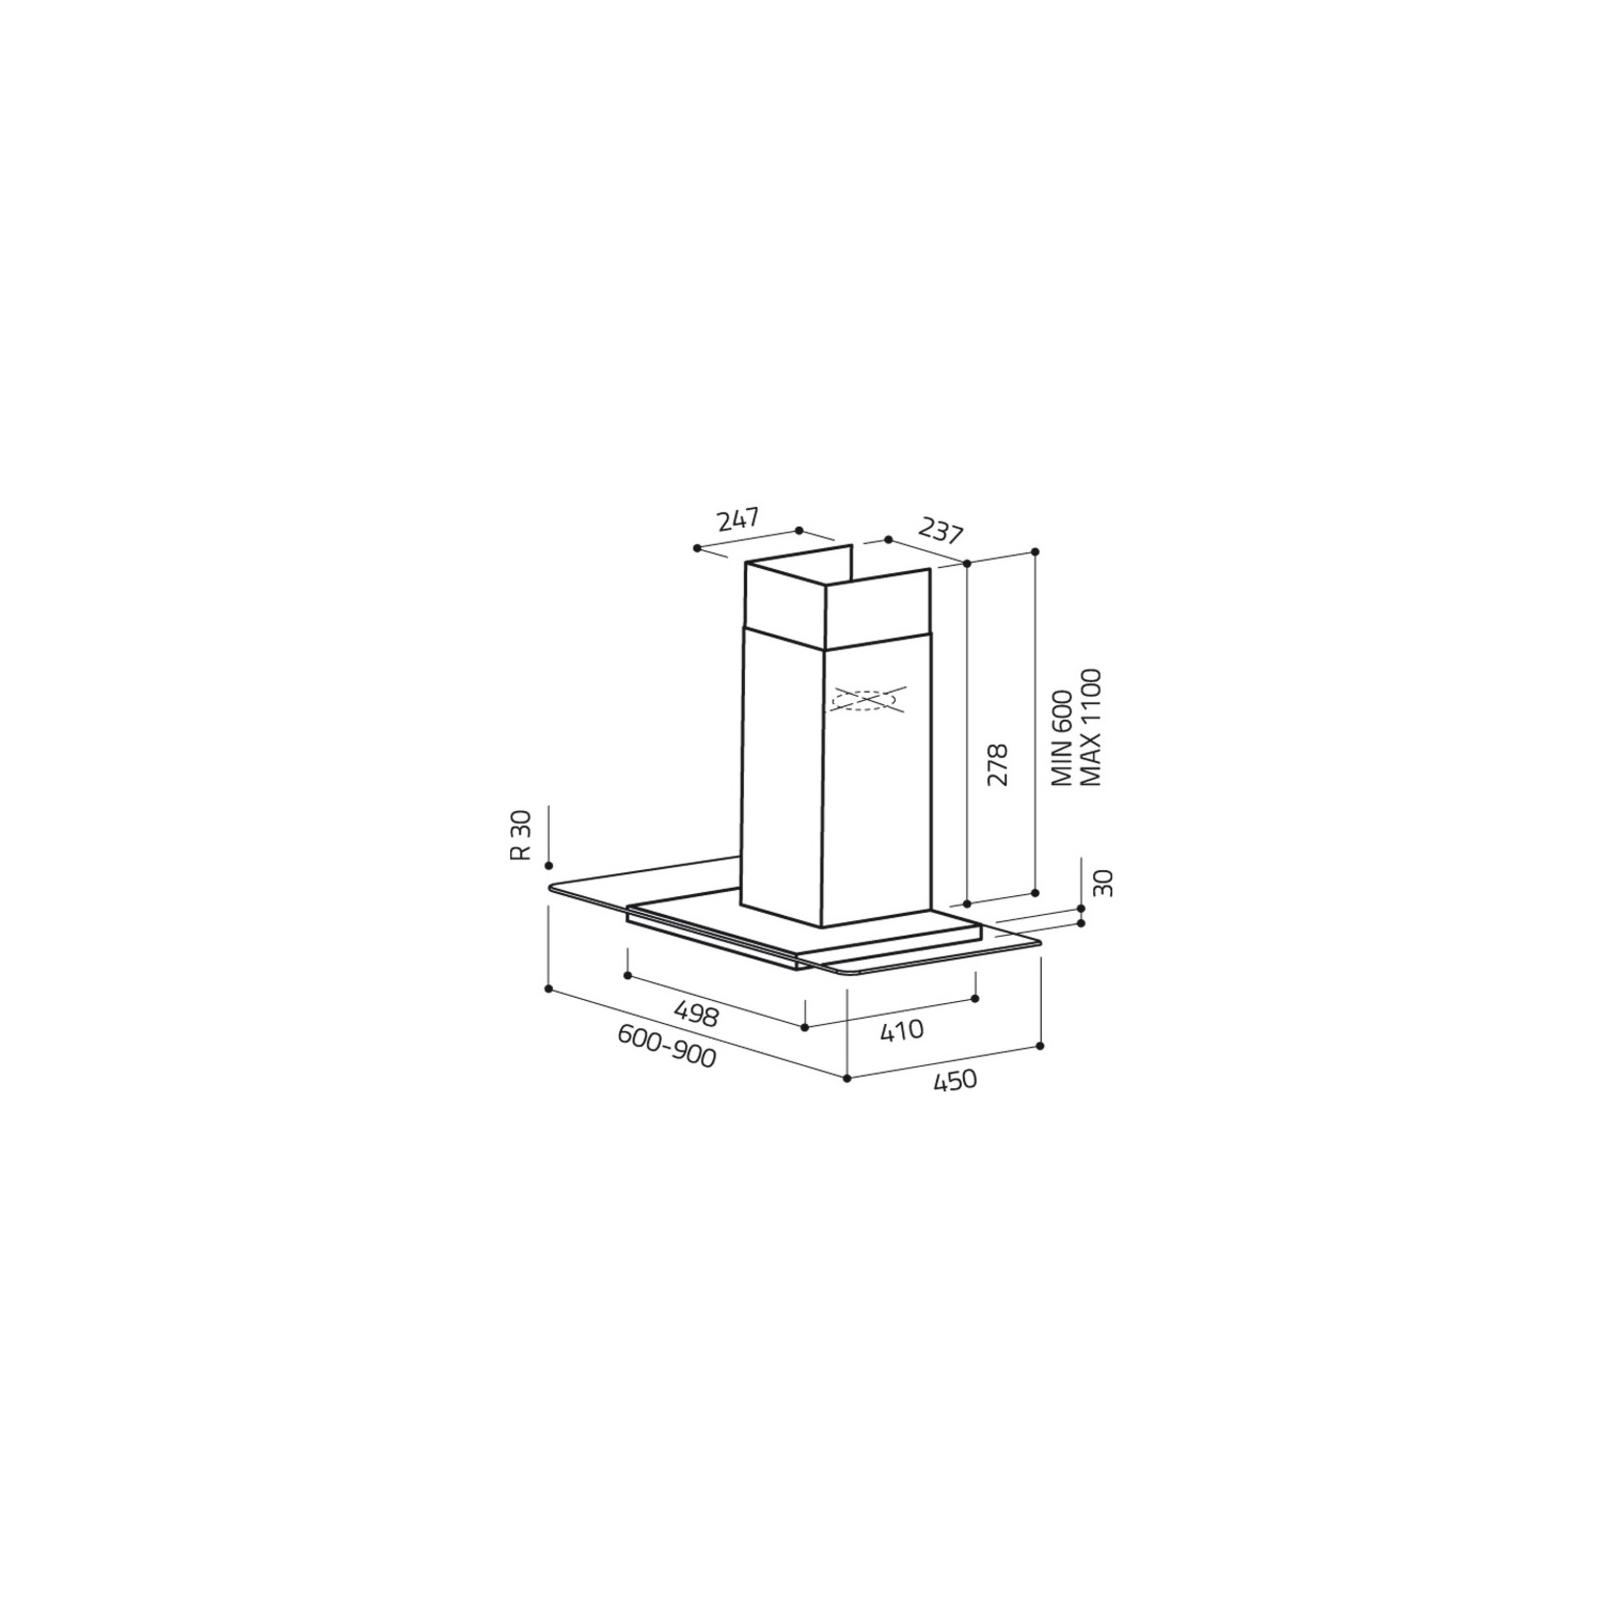 Вытяжка кухонная Elica FLAT GLASS IX A/60 изображение 2